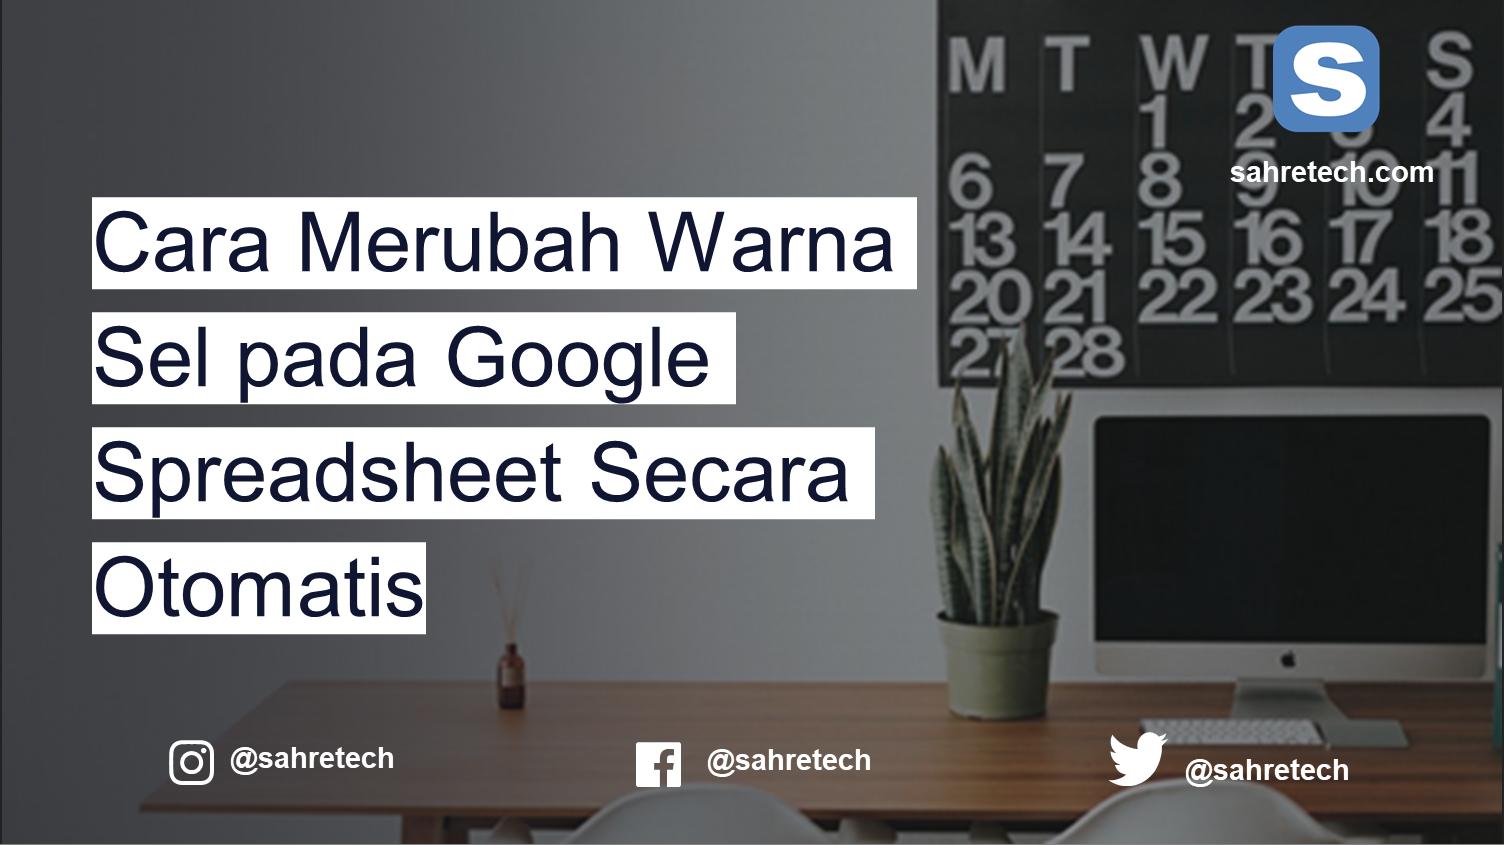 Cara Merubah Warna Sel pada Google Spreadsheet Secara Otomatis